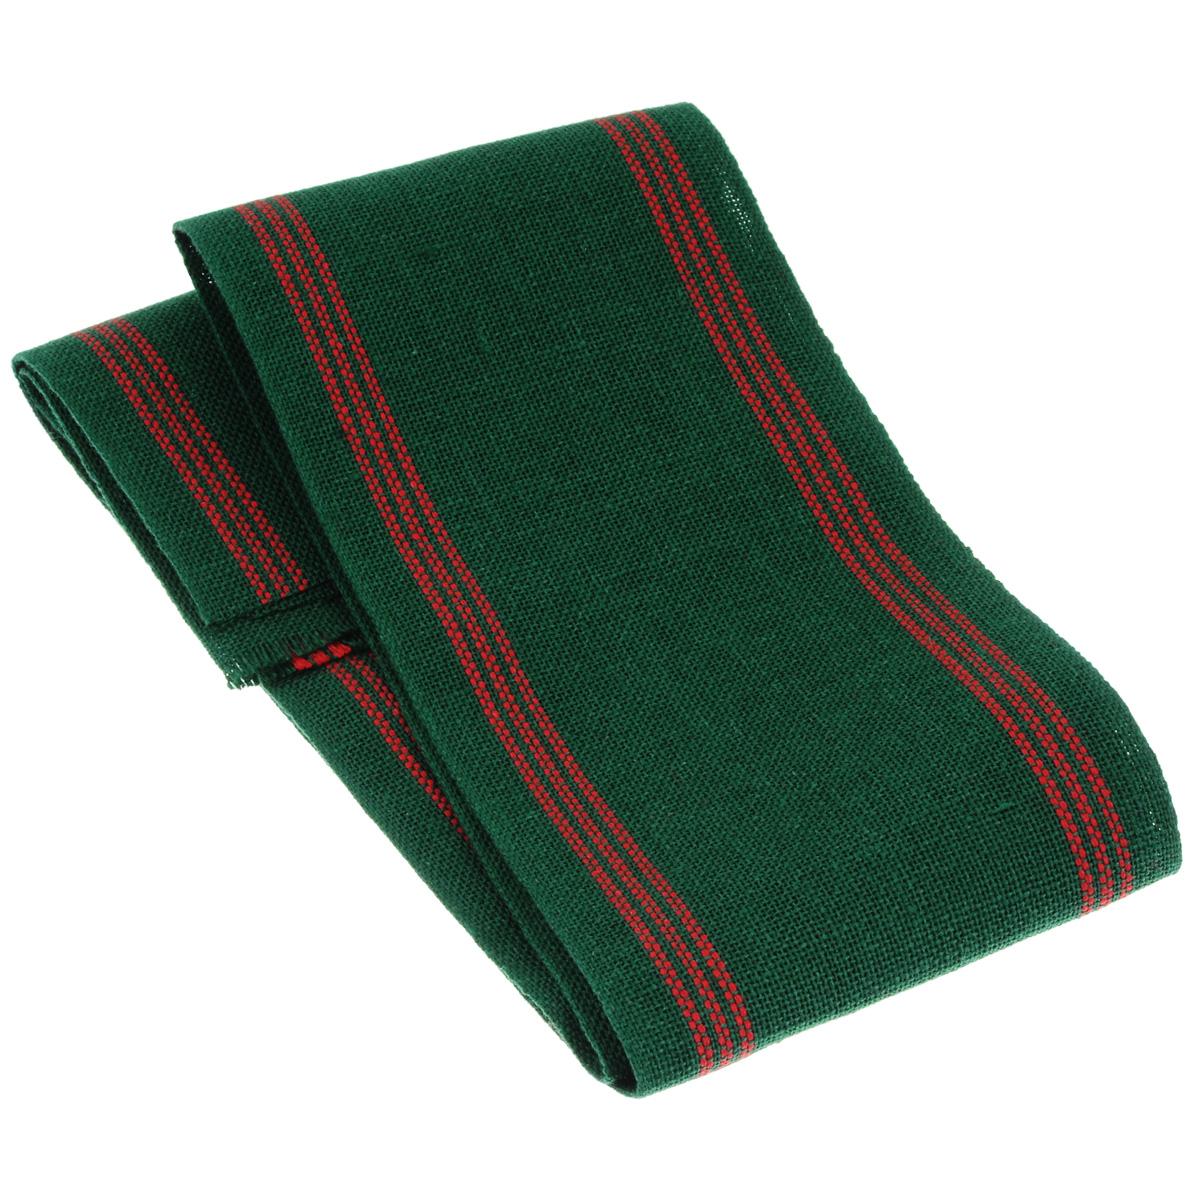 Основа для вышивания крестом или гладью Vaupel & Heilenbeck Лента-труба, цвет: зеленый, красный, 10 см х 100 см2090-200-208Основа для вышивания крестом или гладью Vaupel & Heilenbeck Лента-труба представляет собой 11-ти ниточную ленту, изготовленную из 100% льна. Изделие выполнено в виде бесшовного рукава и декорировано полосками. Такая лента идеальна для изготовления мешочков под сухоцветы, для мыла, сувениров. Воплотите свои идеи на этой основе для вышивания! Лента, украшенная своими руками, дополнит интерьер любого помещения, а также сможет стать изысканным подарком для ваших друзей и близких. Общая ширина основы: 20 см.